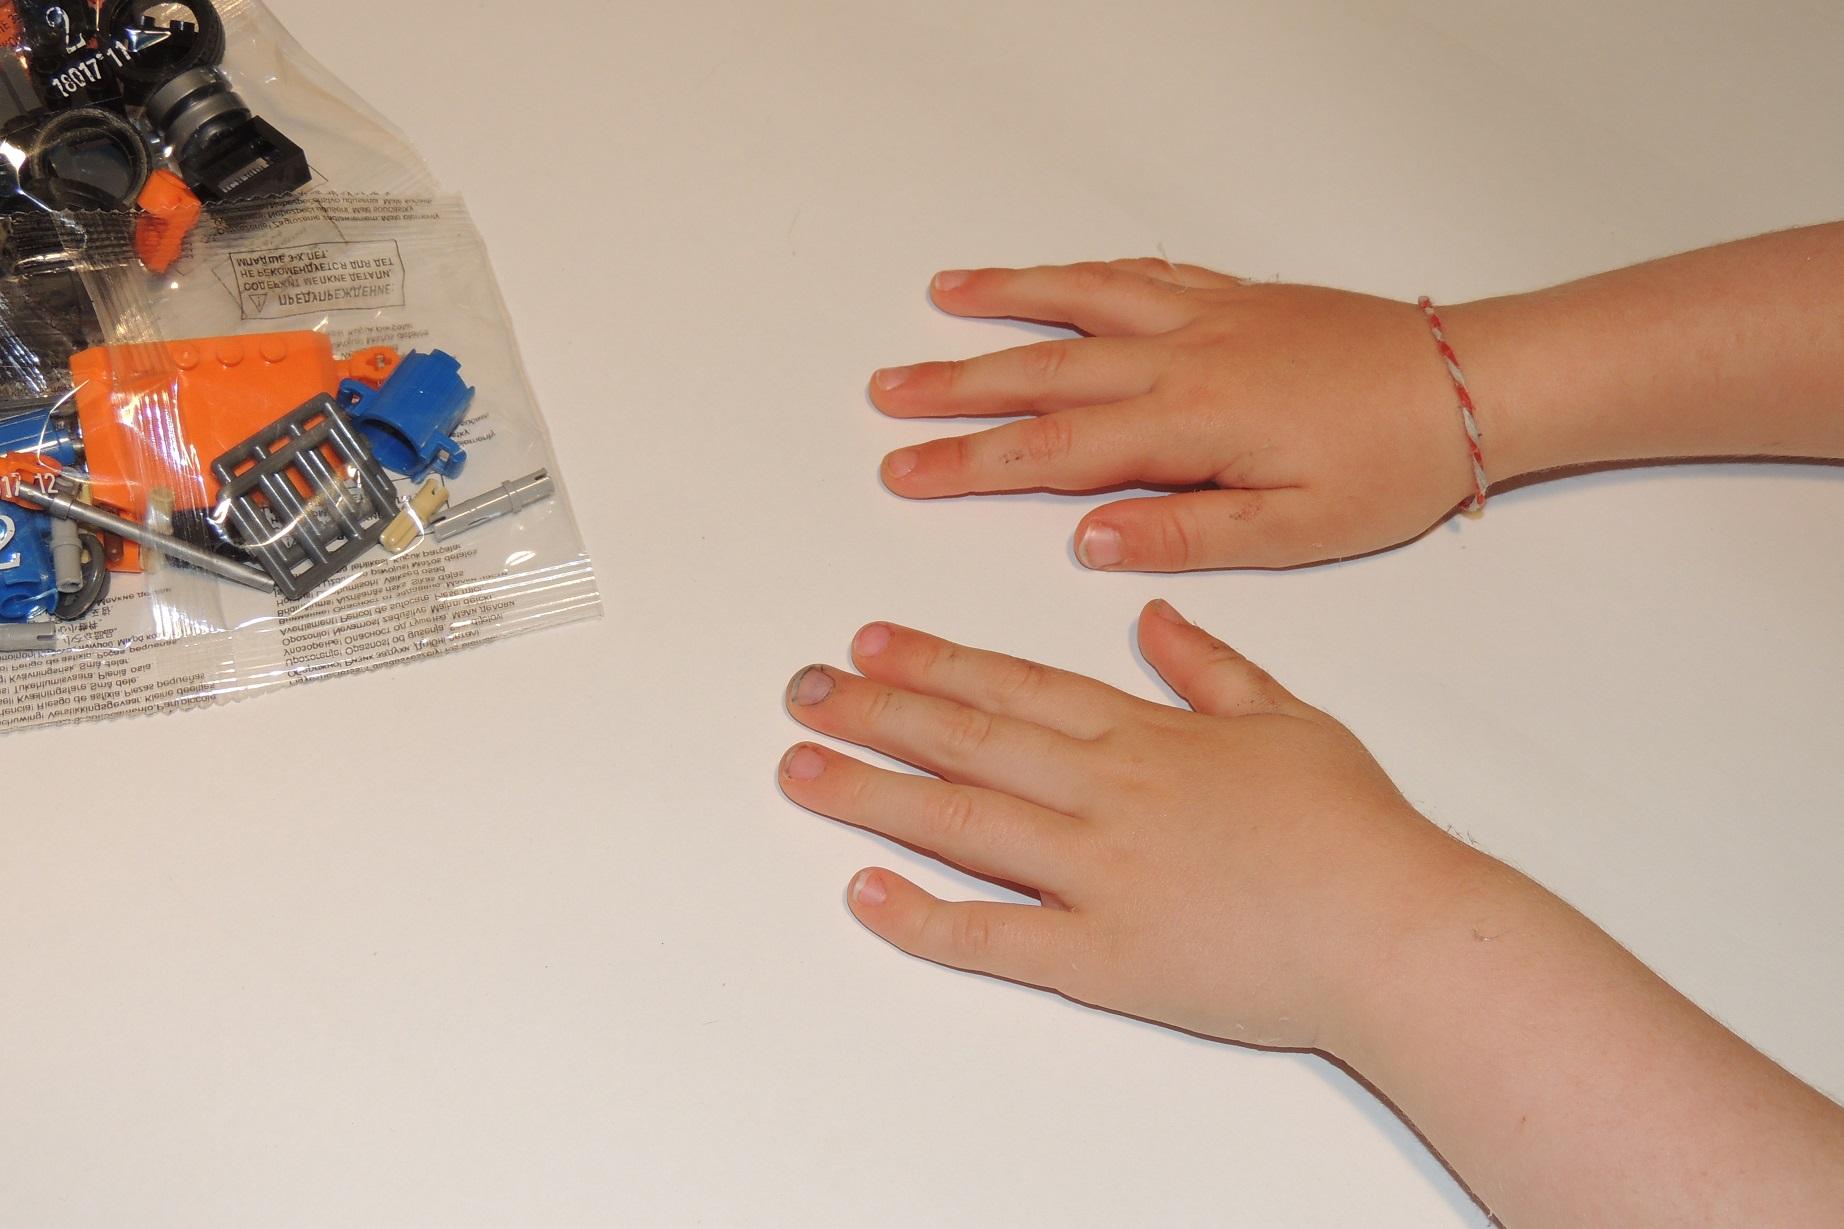 Outtake 2 - Das Engerl bestand drauf, die Hände abzufotografieren. XD